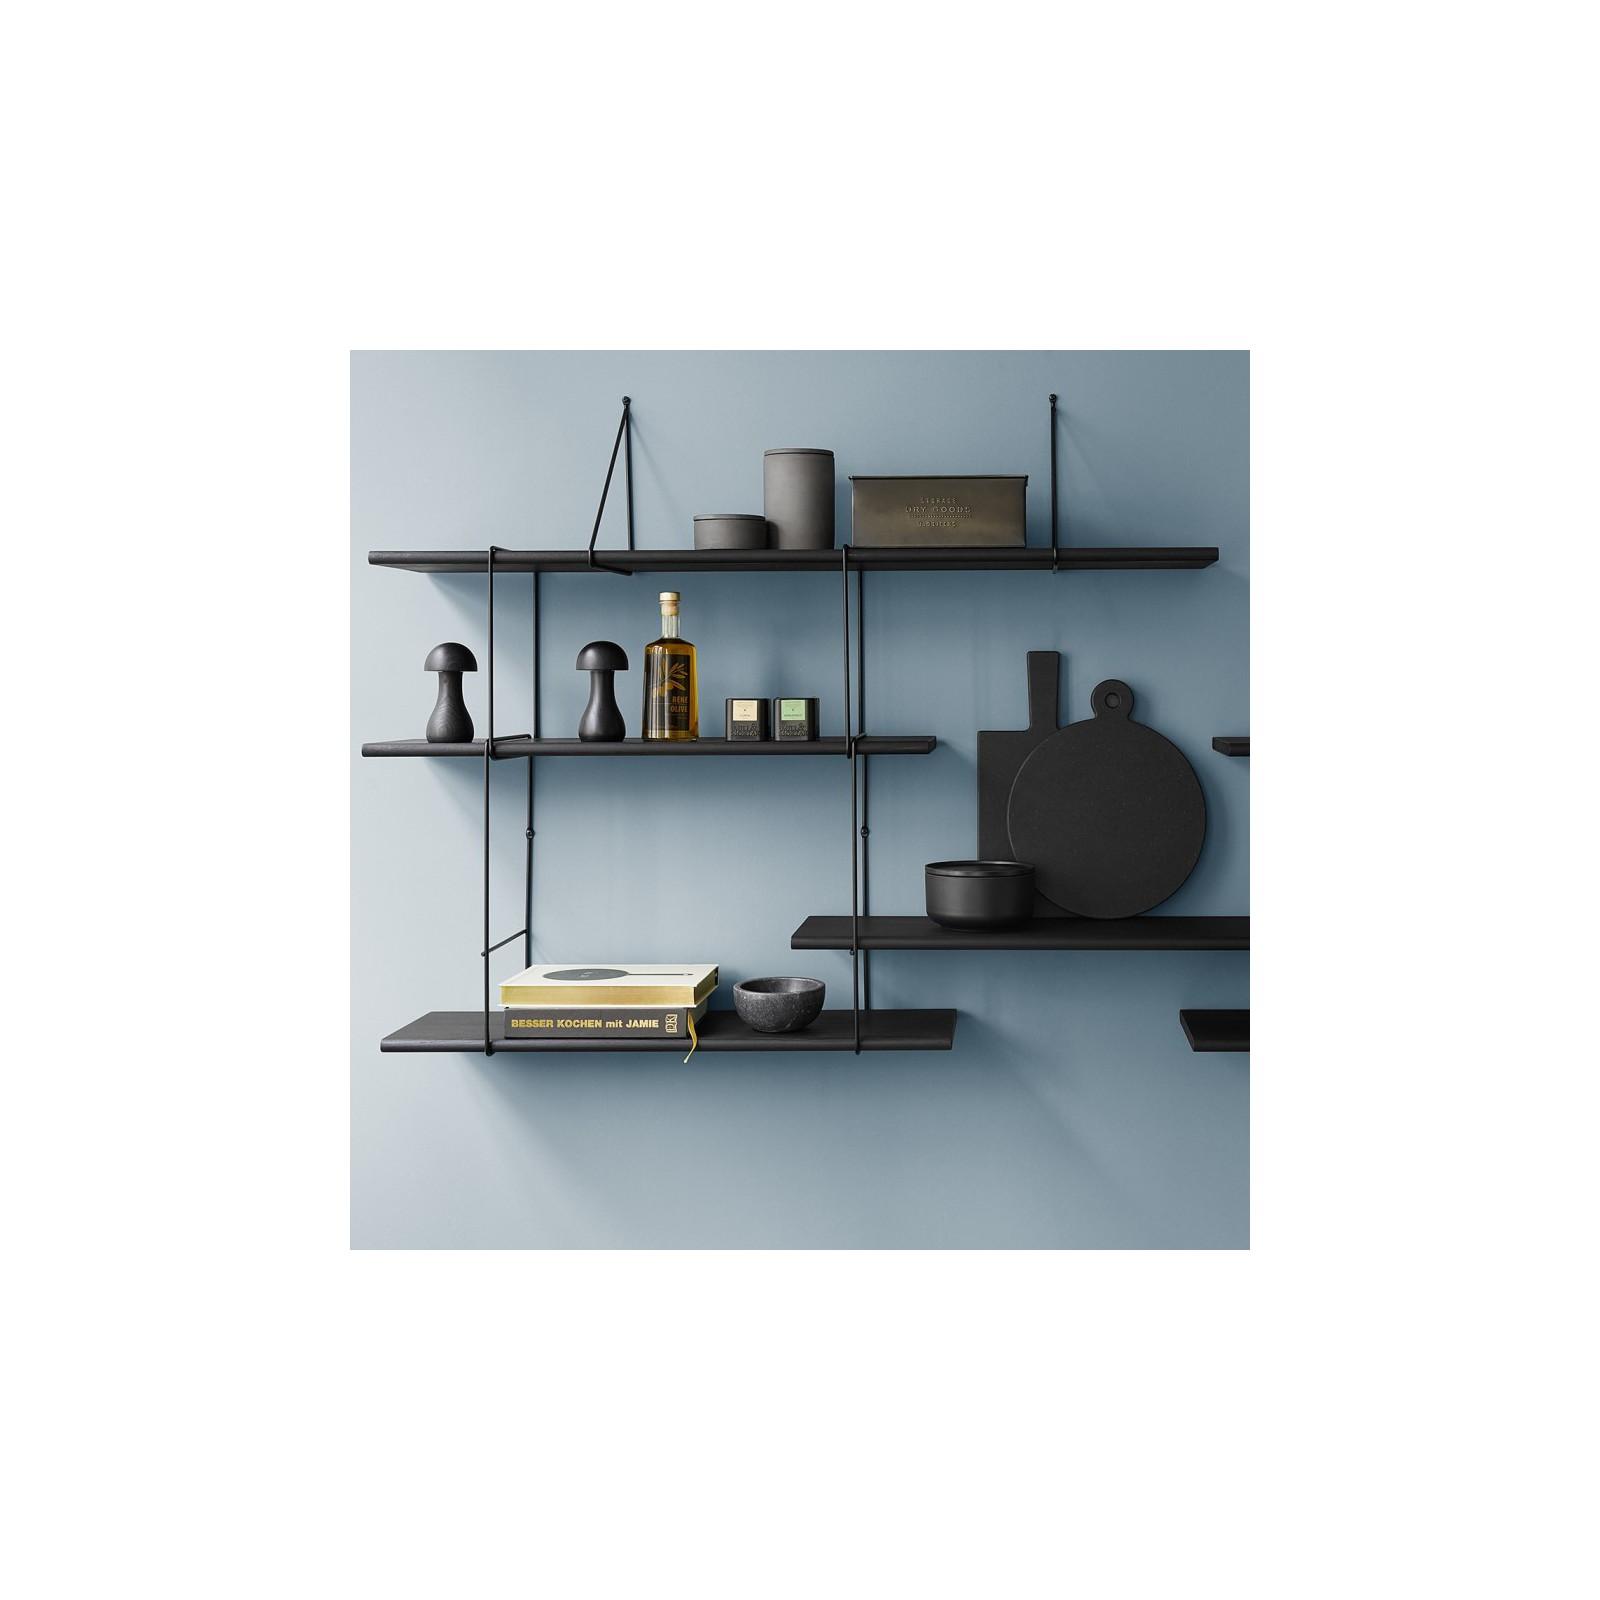 mur d 39 etag res fil total noir arne concept. Black Bedroom Furniture Sets. Home Design Ideas